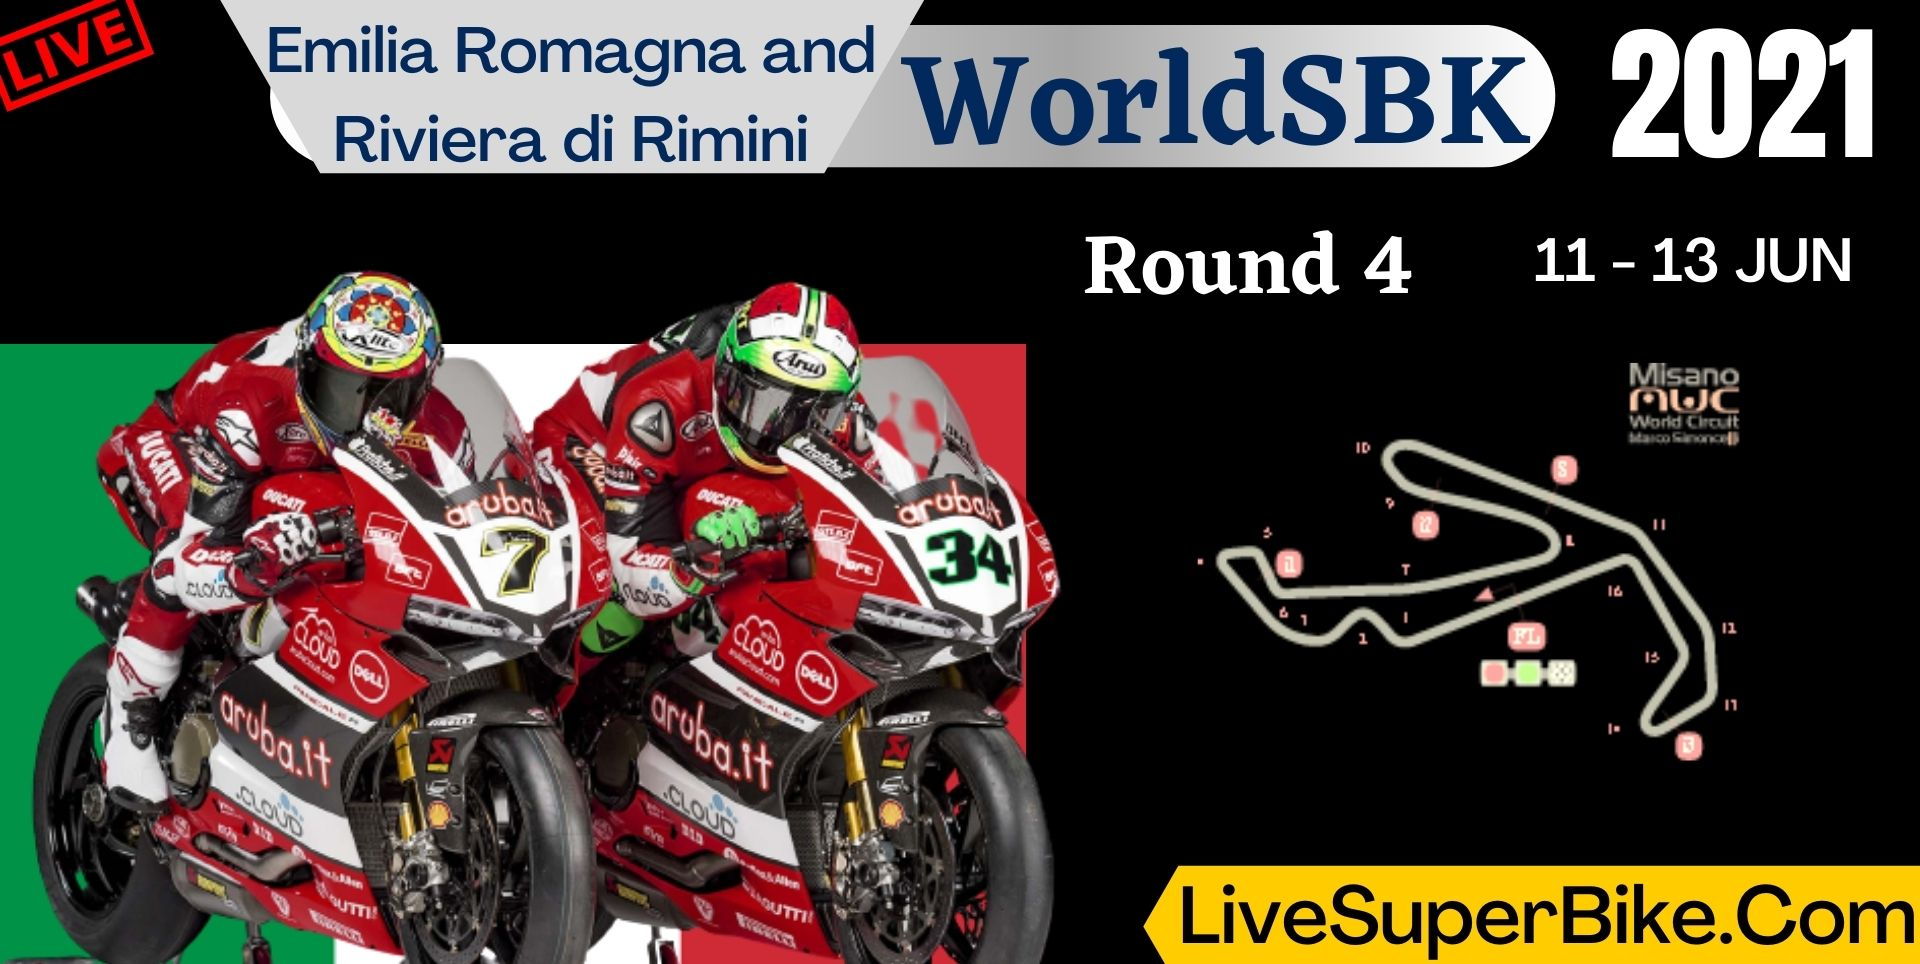 Emilia Romagna and Riviera di Rimini Round 4 Live 2021 | WorldSBK